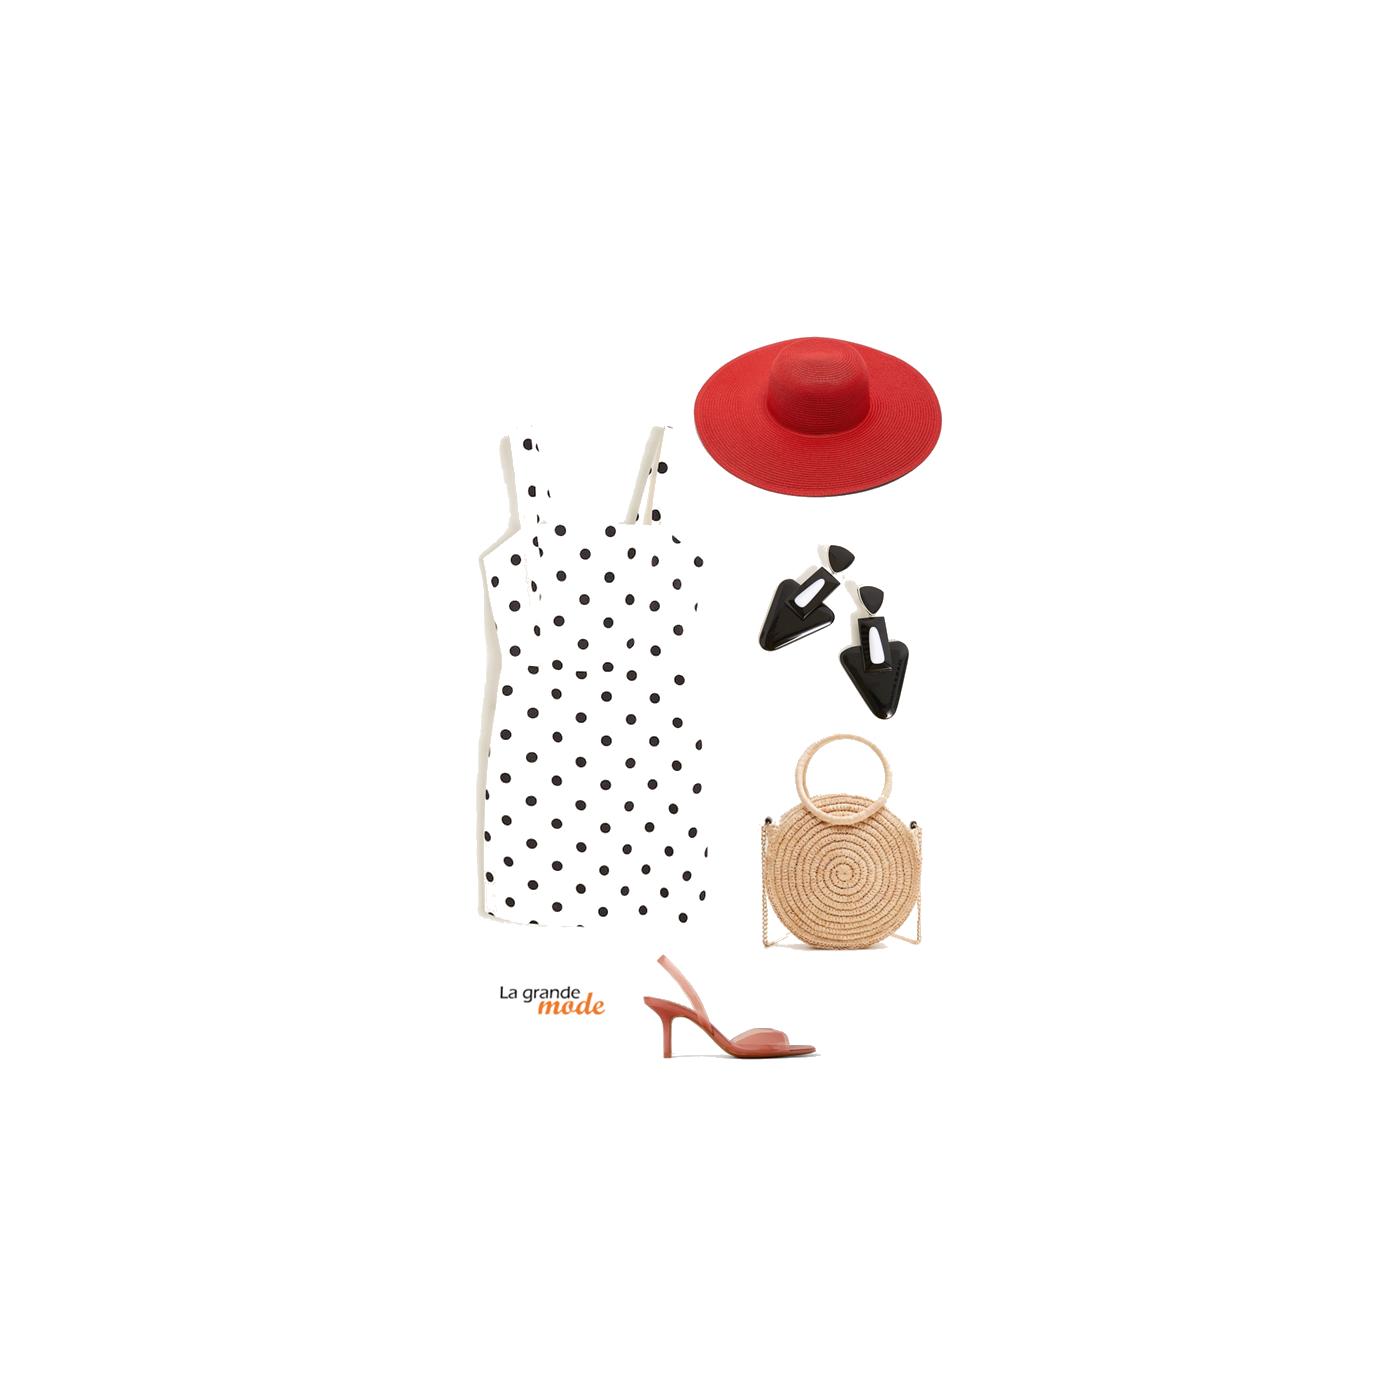 La Grande Mode - Idée look avec une robe à pois et une capeline - Tendance mode printemps été 2019